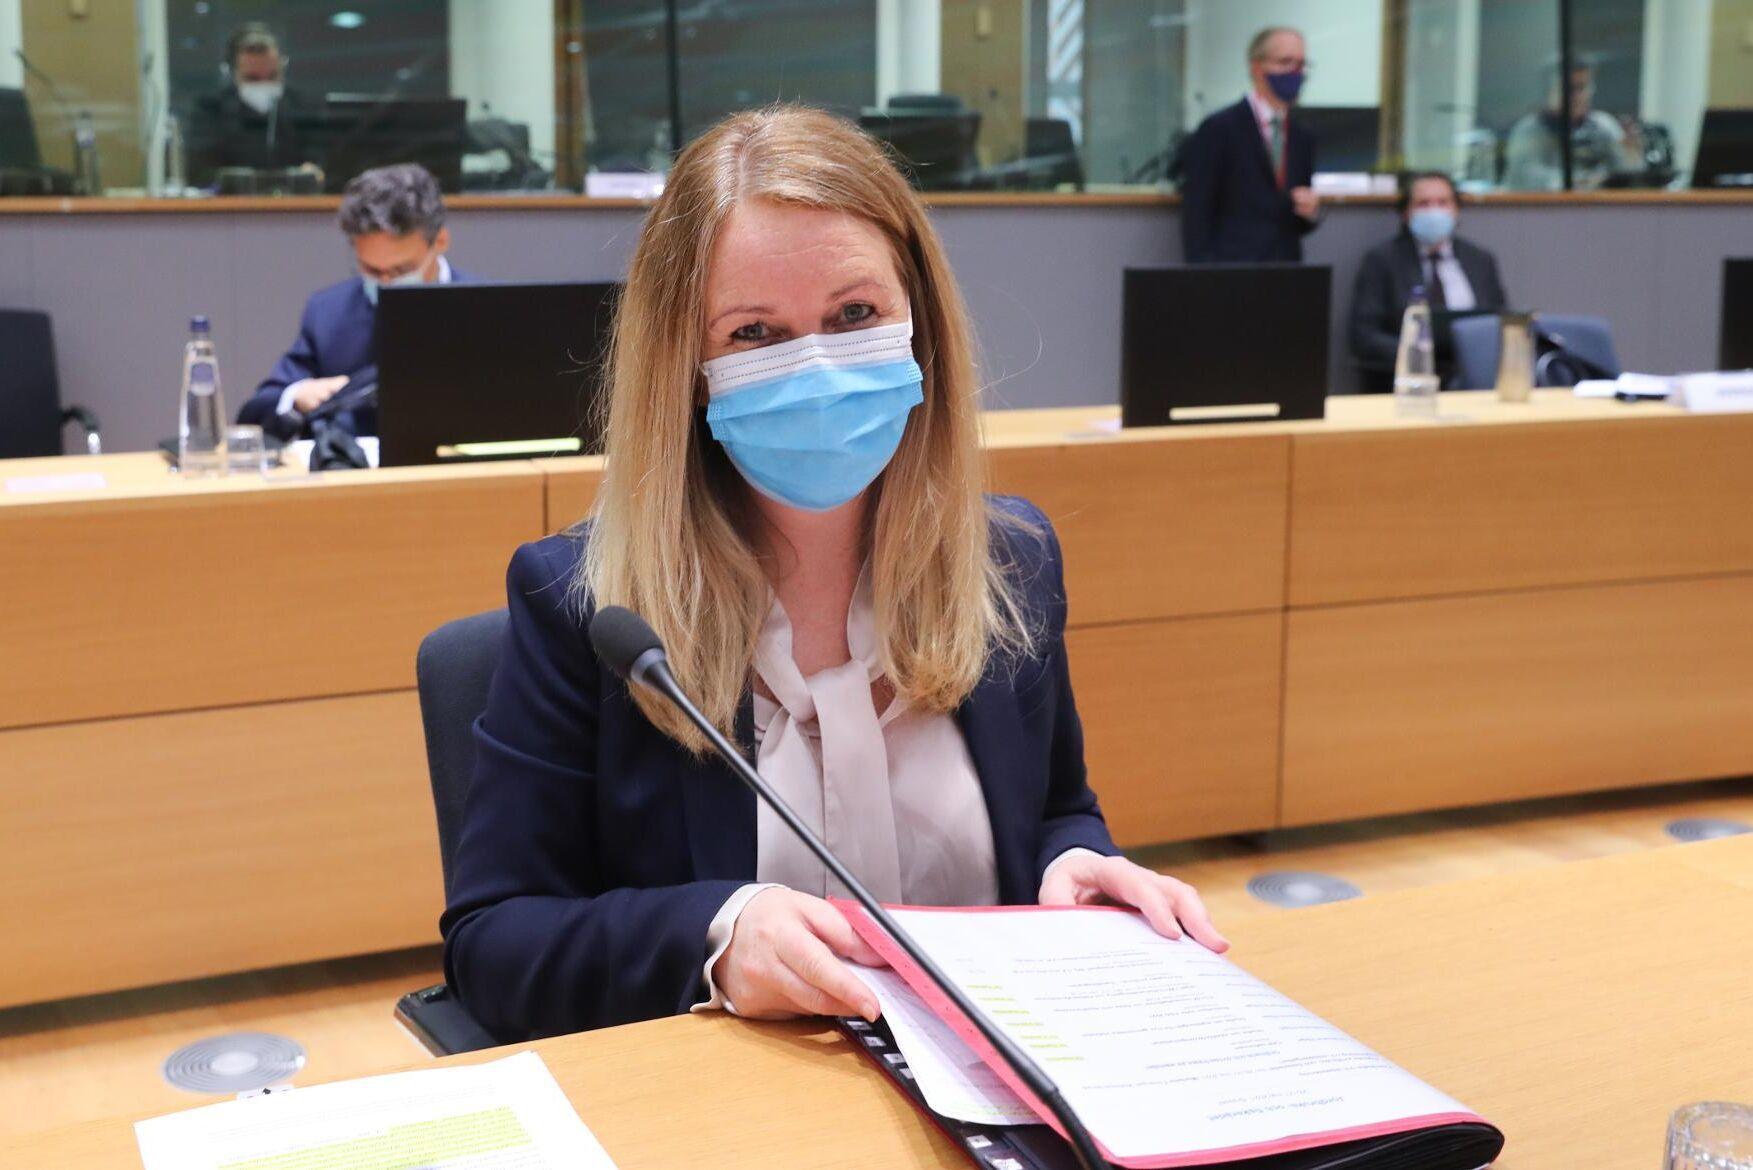 Landsbygdsminister Jennie Nilsson (S) är på plats i Bryssel för att, förhoppningsvis, föra Cap-reformen i hamn.